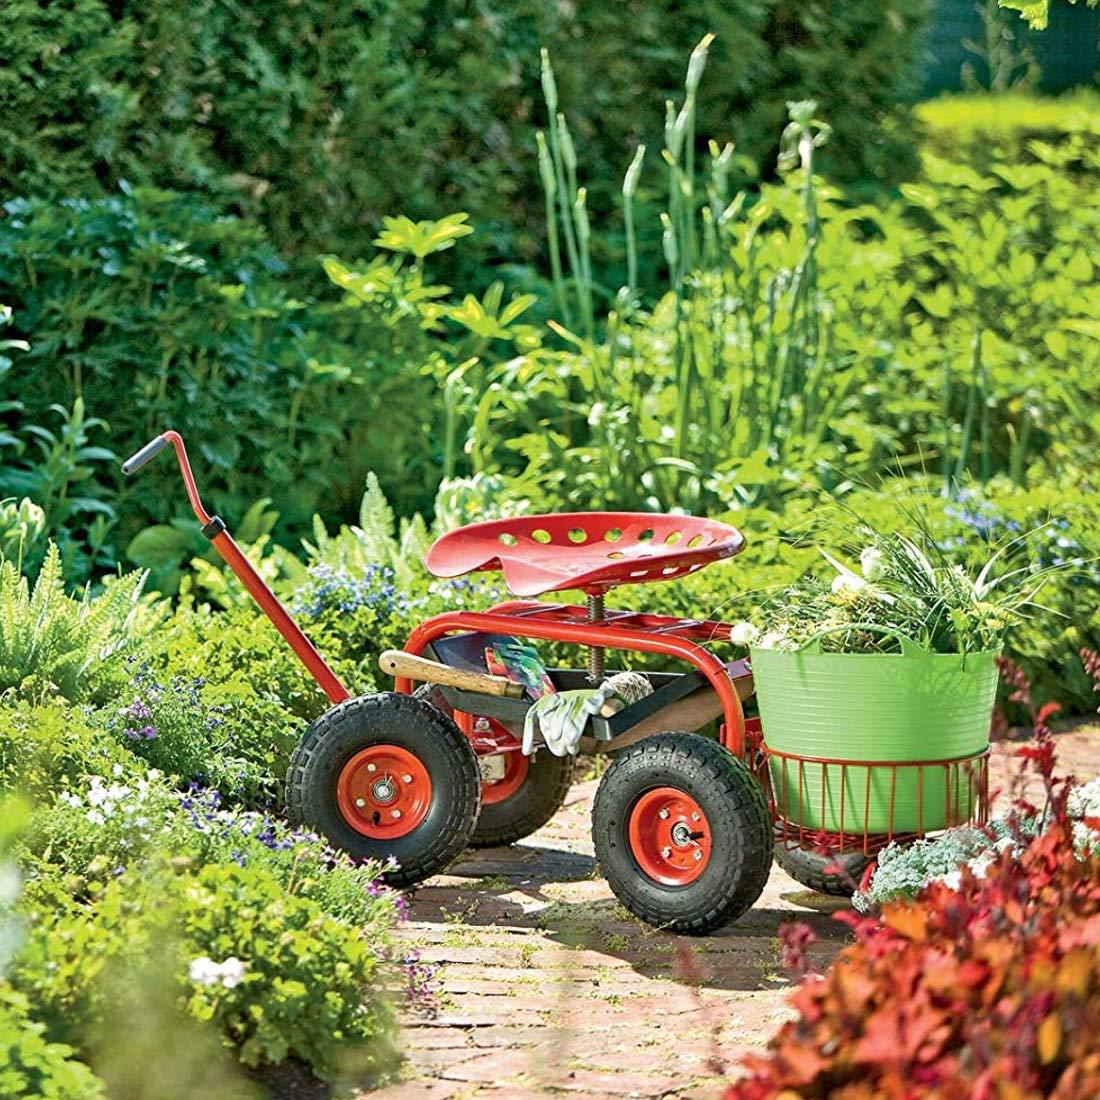 Papilioshop Gardy Carro Carrito Asiento de Trabajo con Ruedas para jardín (Rojo): Amazon.es: Jardín